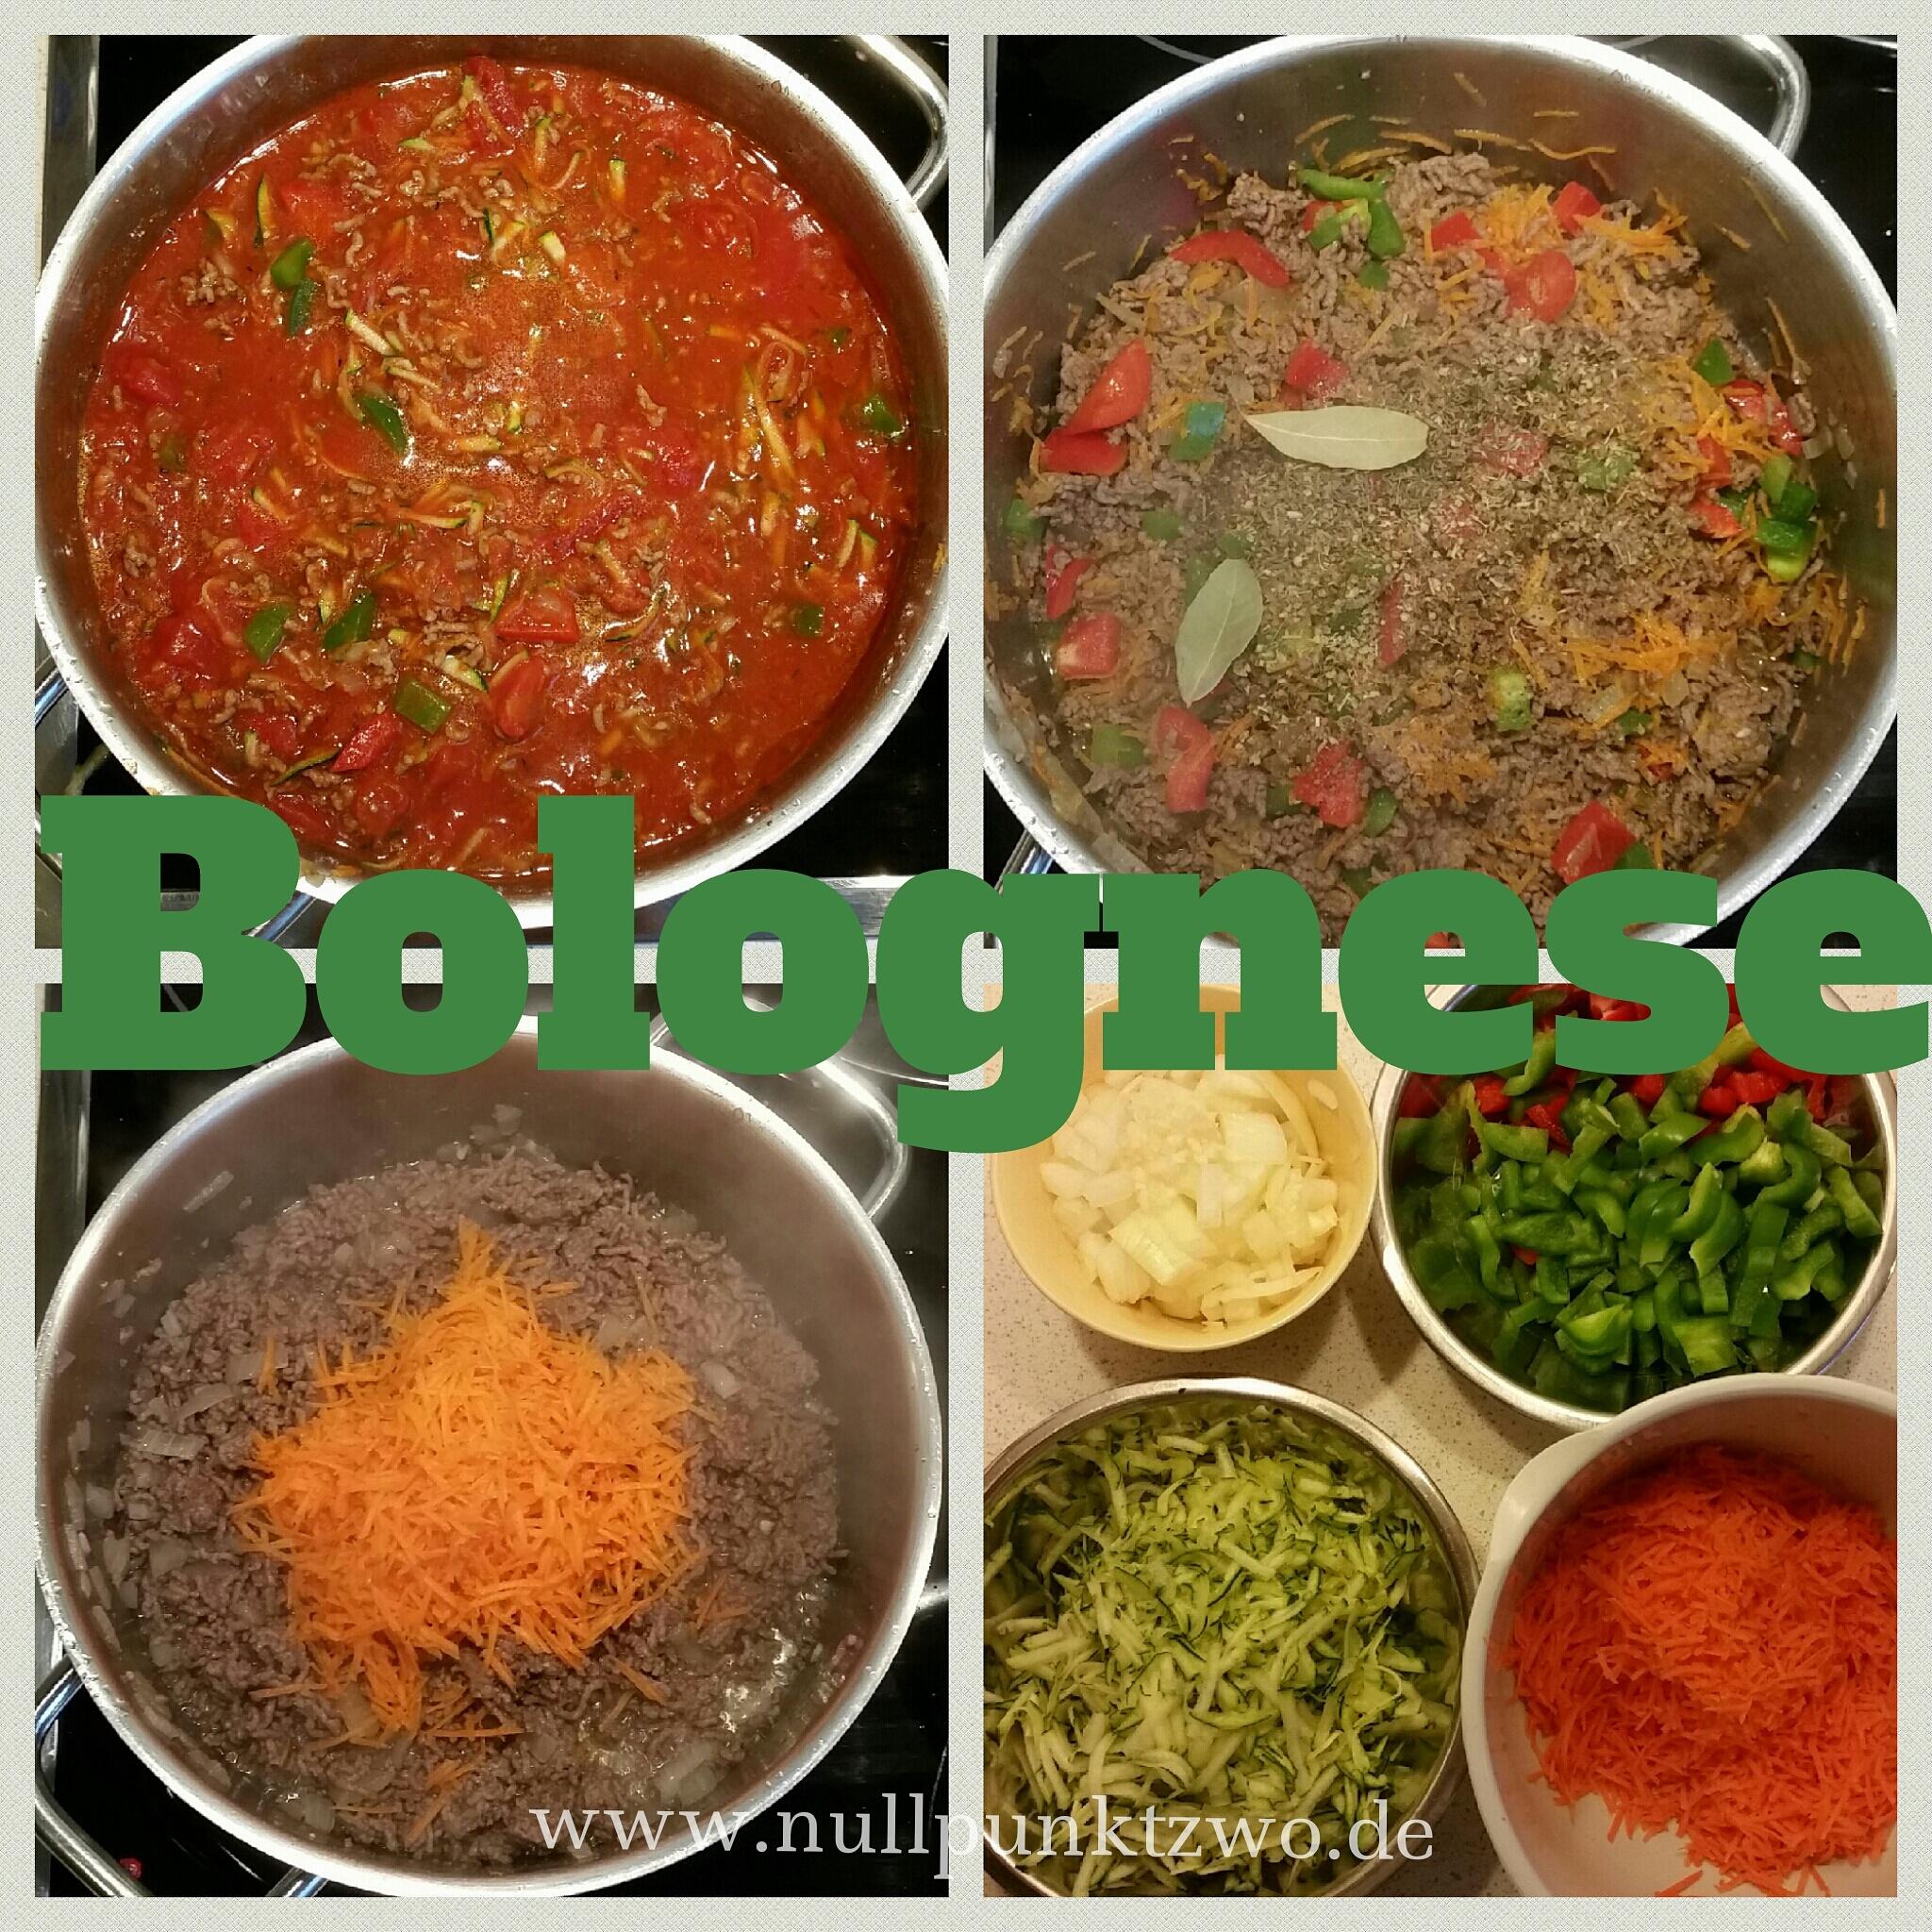 Bolognesesauce zu Nudeln oder Reis